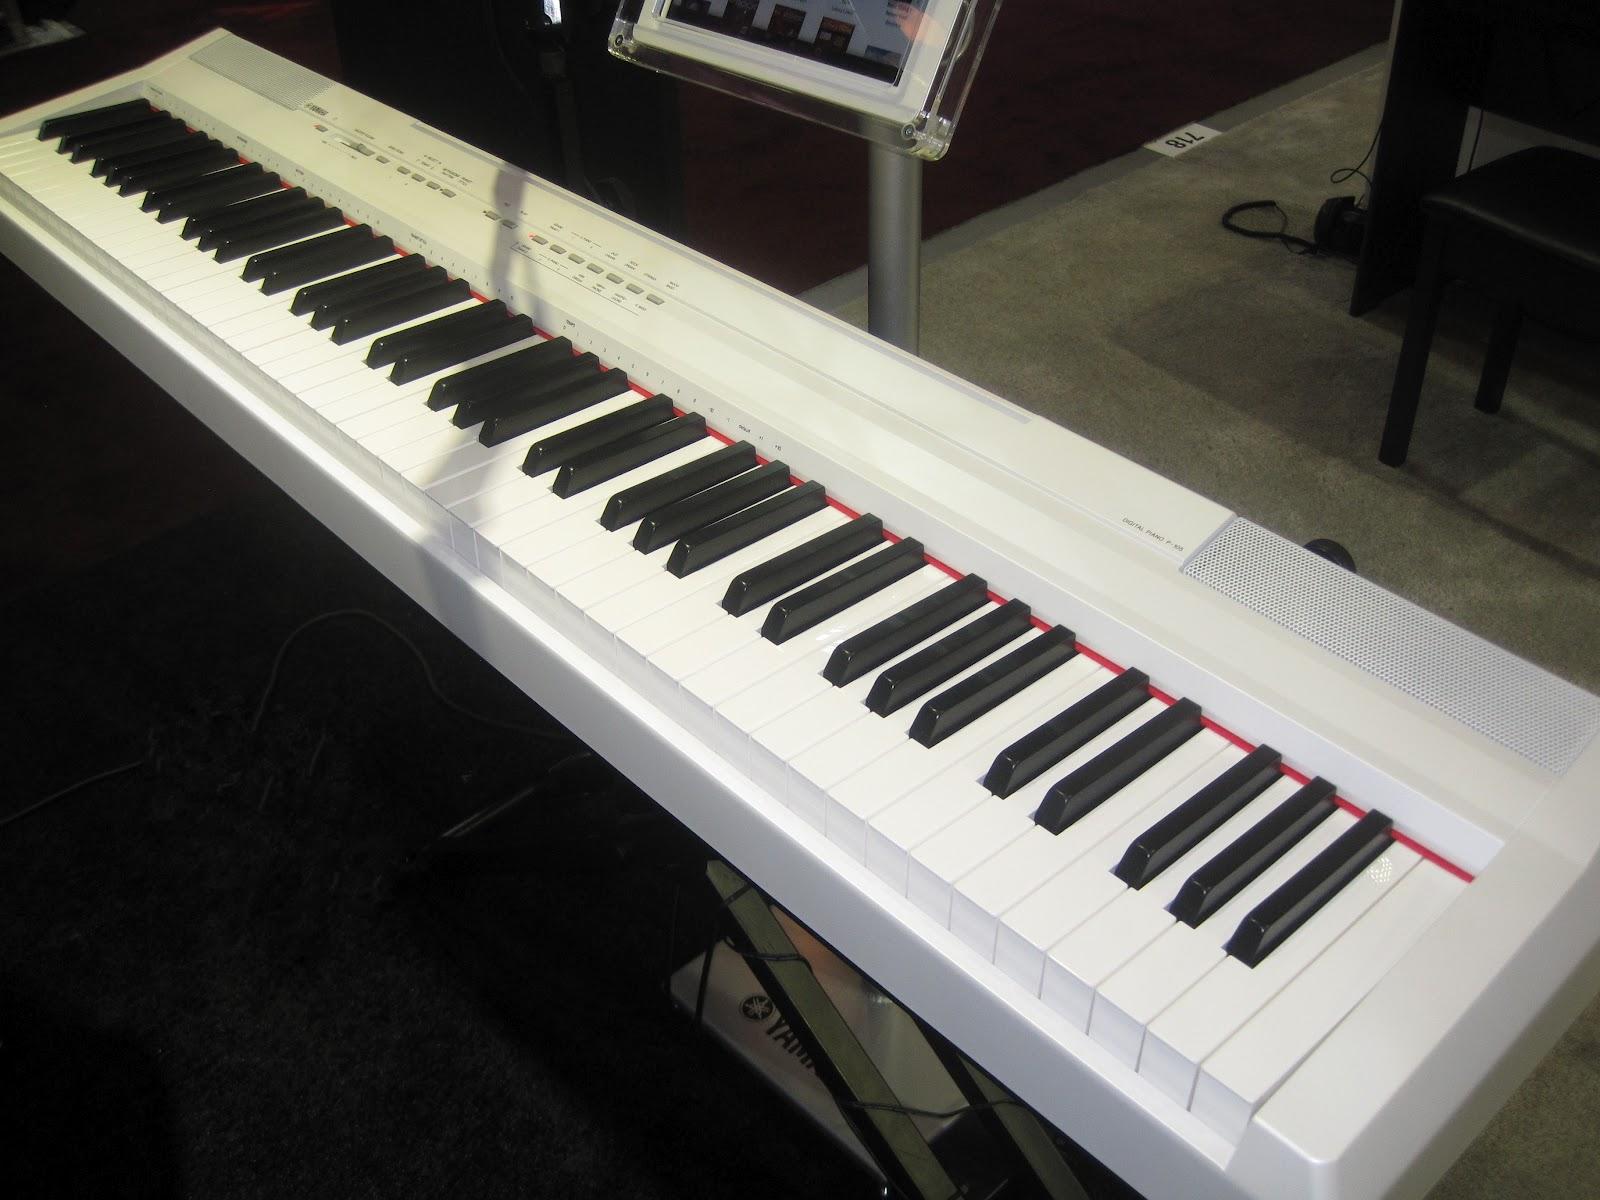 clps408 Yamaha Weighted Keyboard